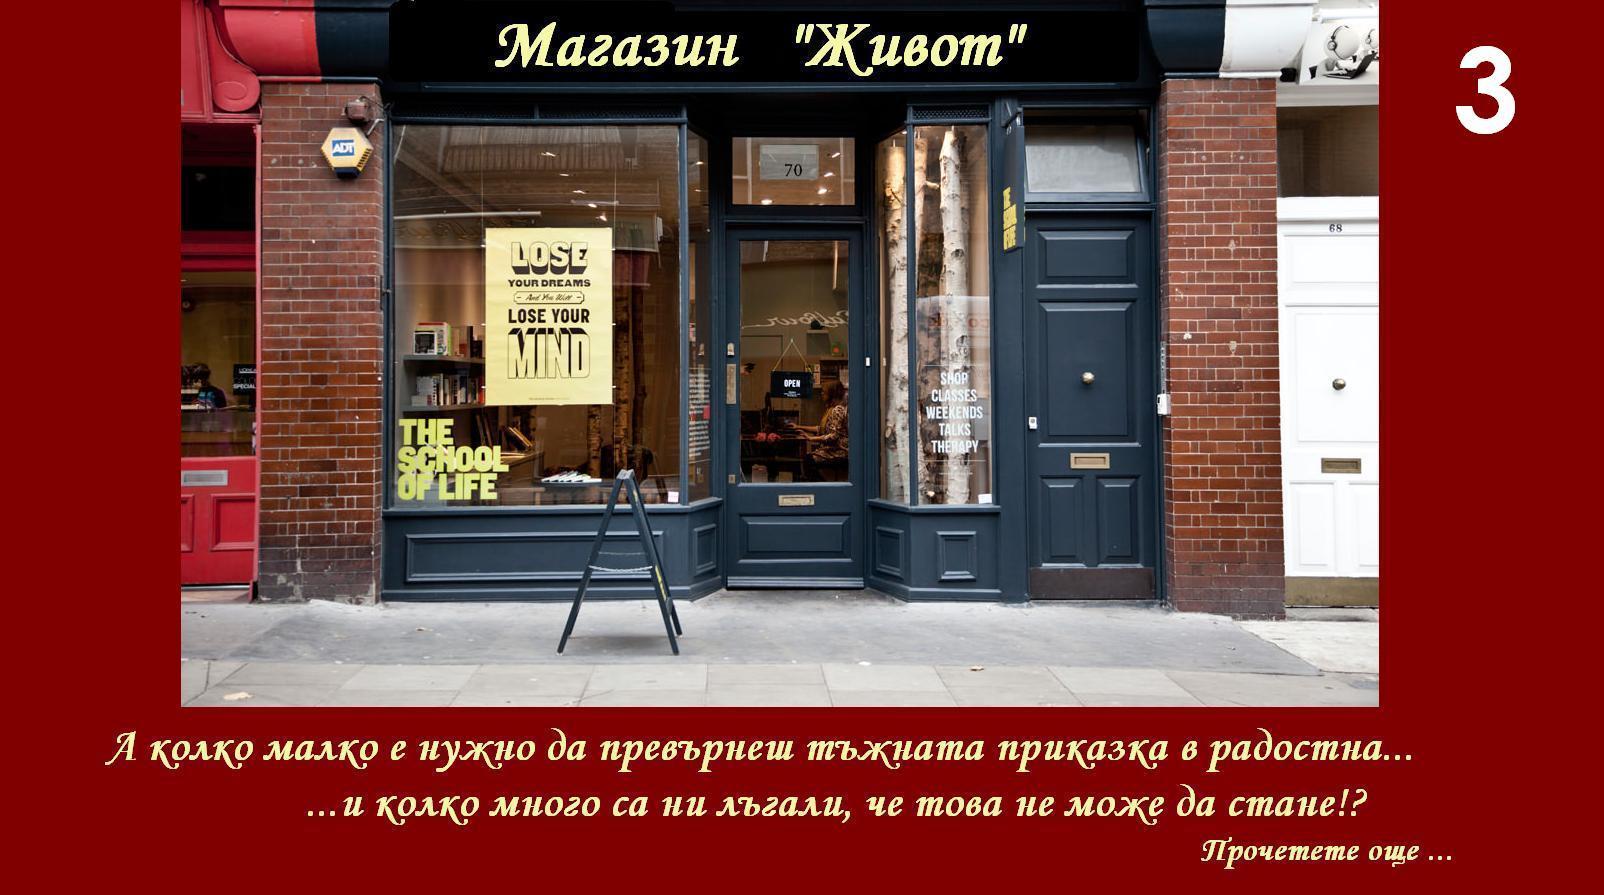 Магазин живот 3